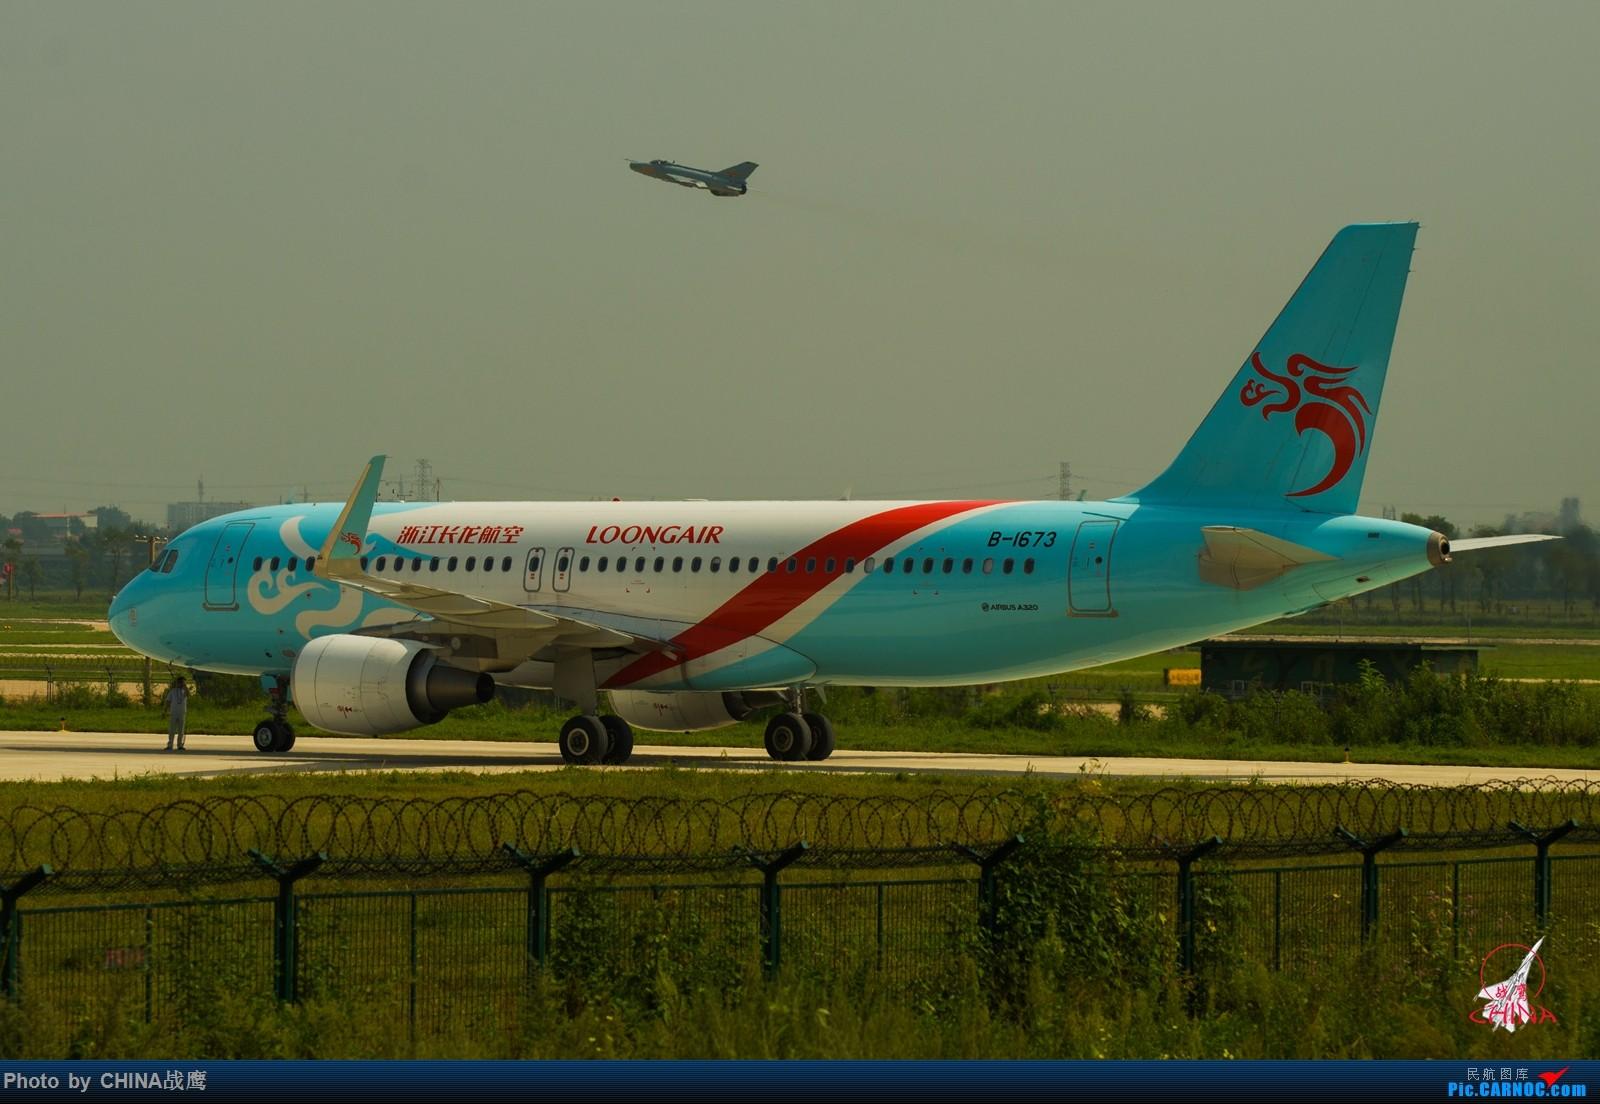 Re:[原创]【SHE】第三季度桃仙拍飞机集锦 AIRBUS A320-200 B-1673 中国丹东浪头国际机场